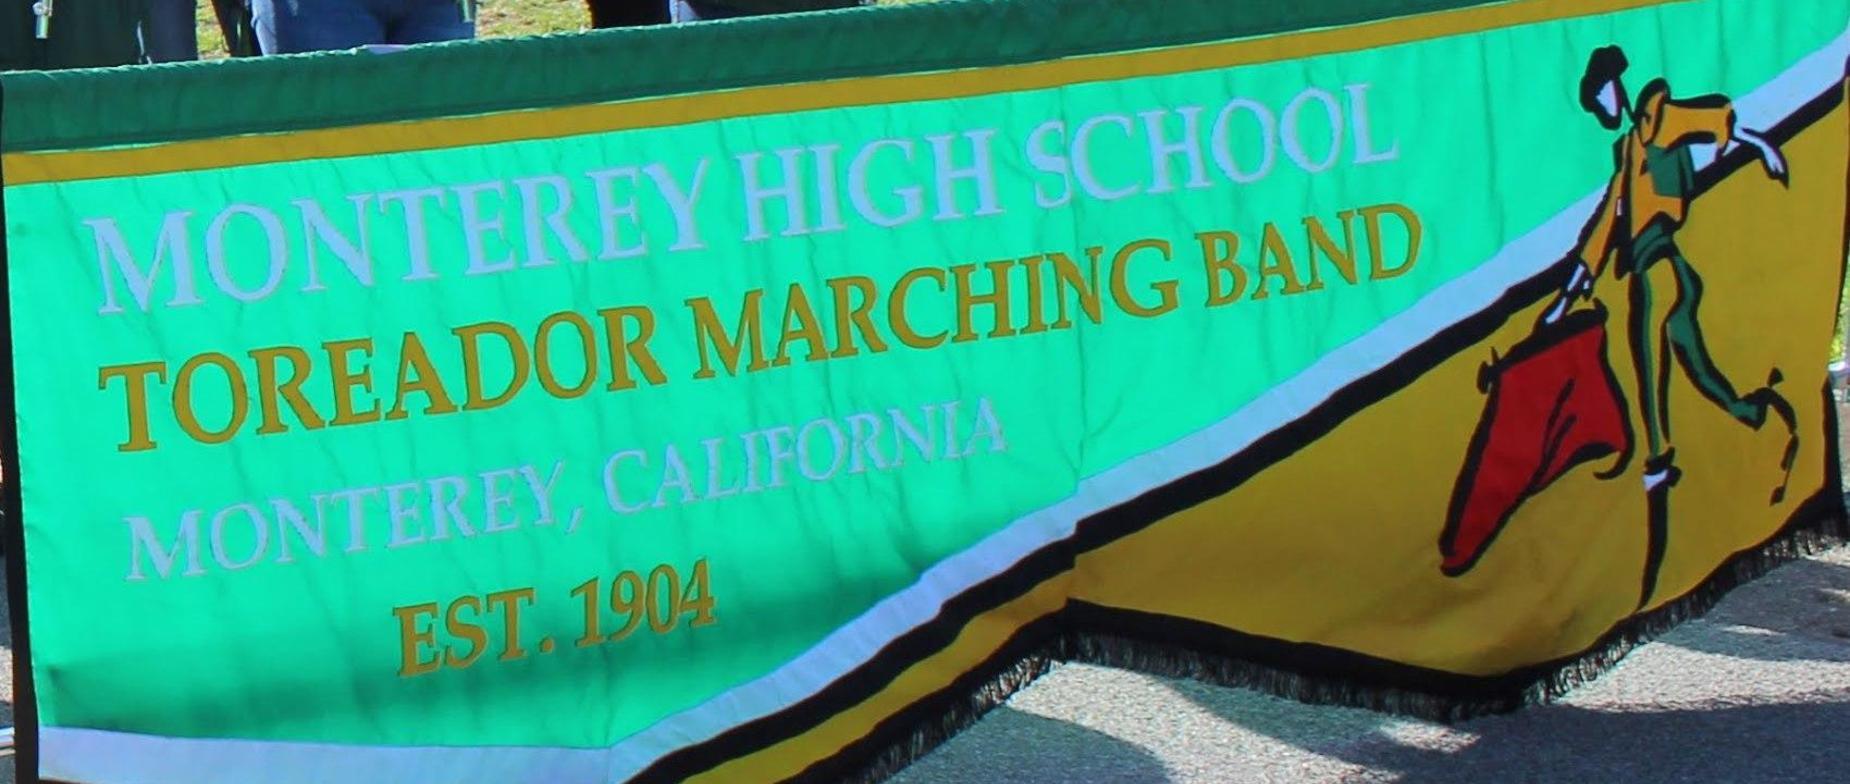 Marching Band Parade Sign